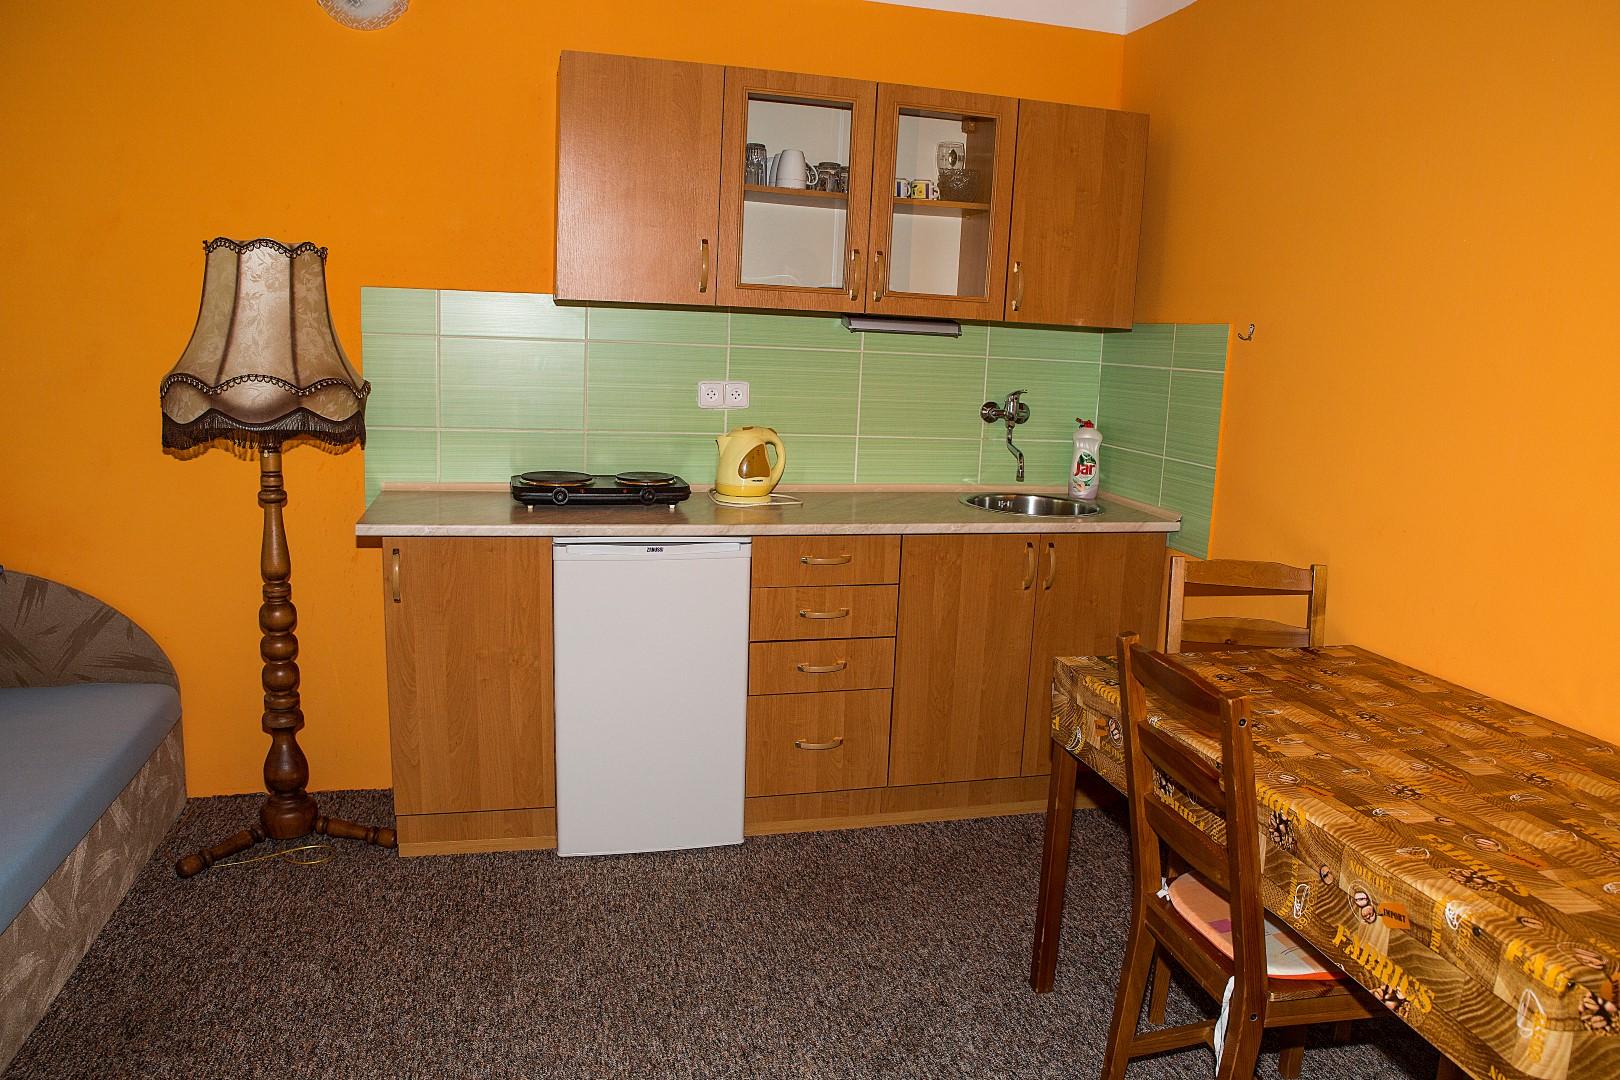 Apartmán 2 lůžka (patro) - kuchyňka